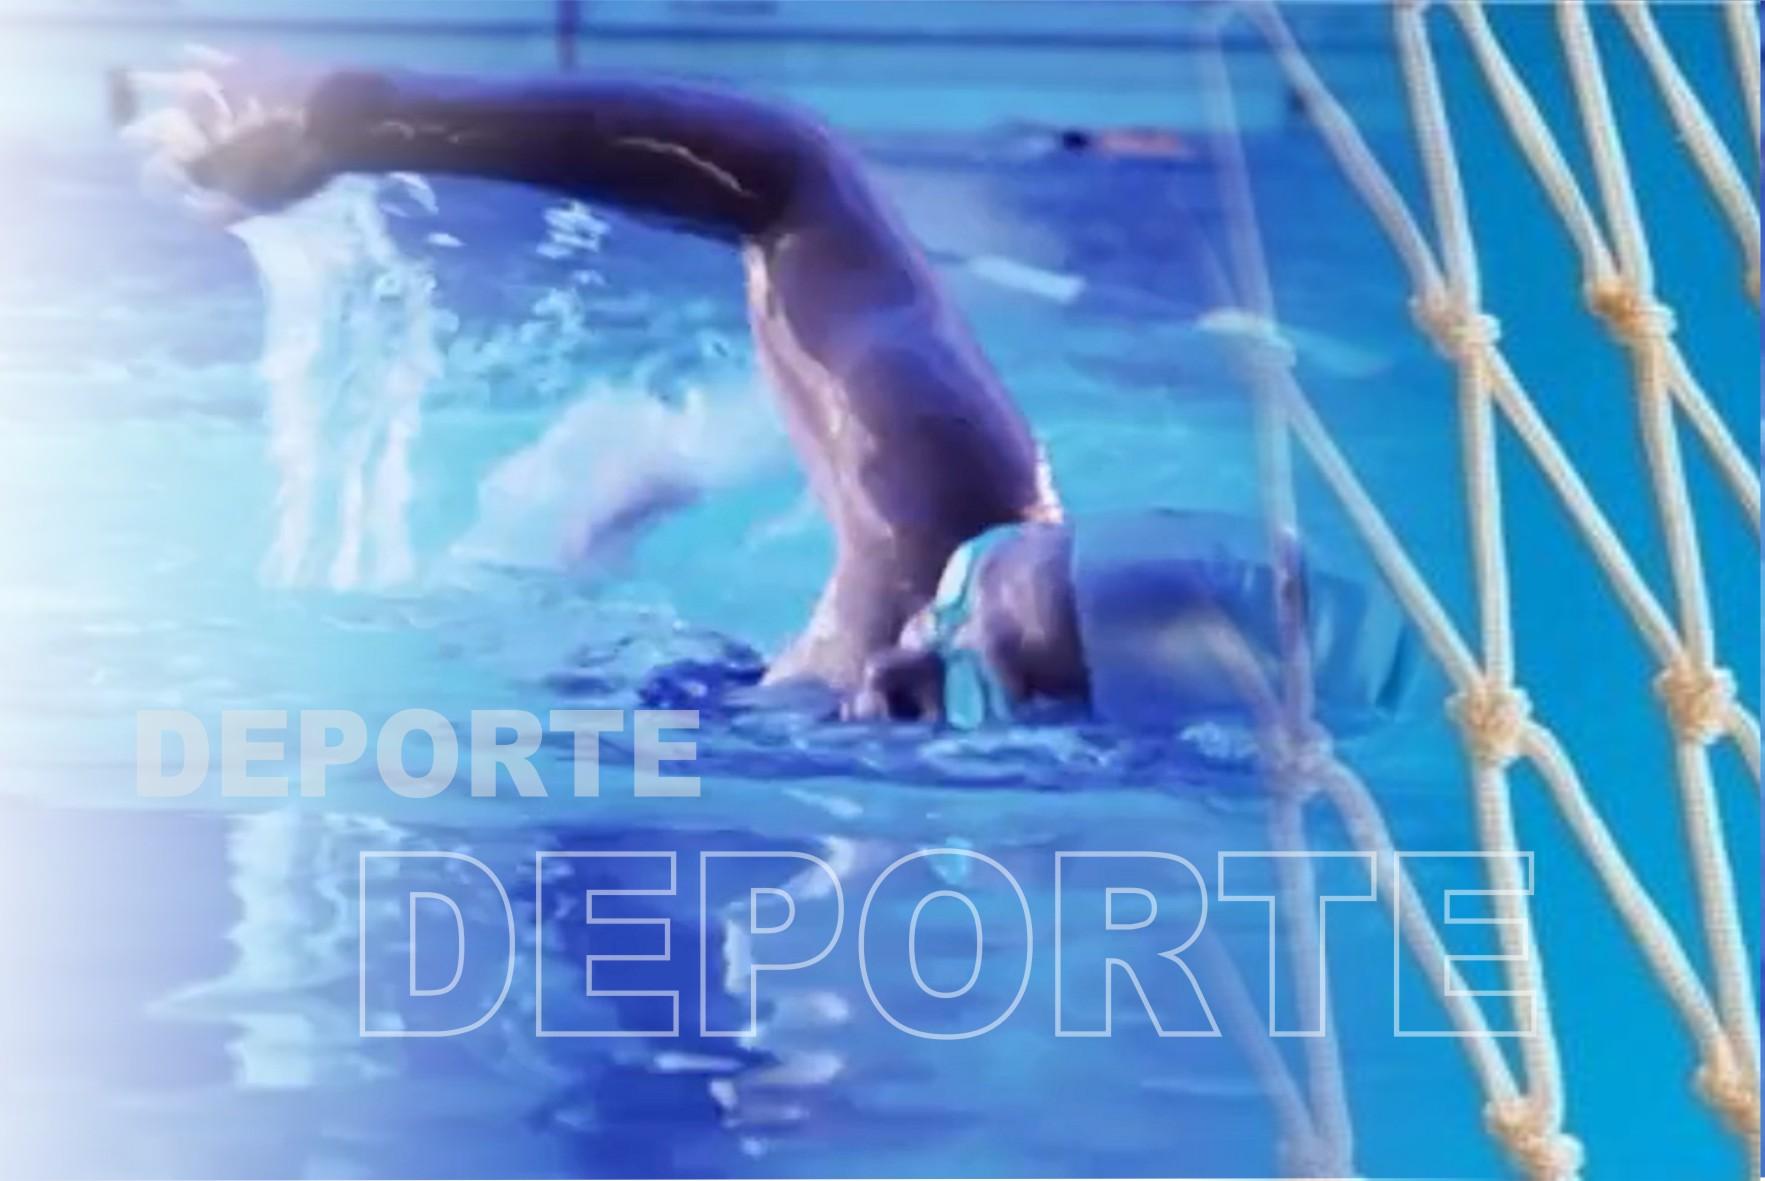 imagen ilustrativa deportes